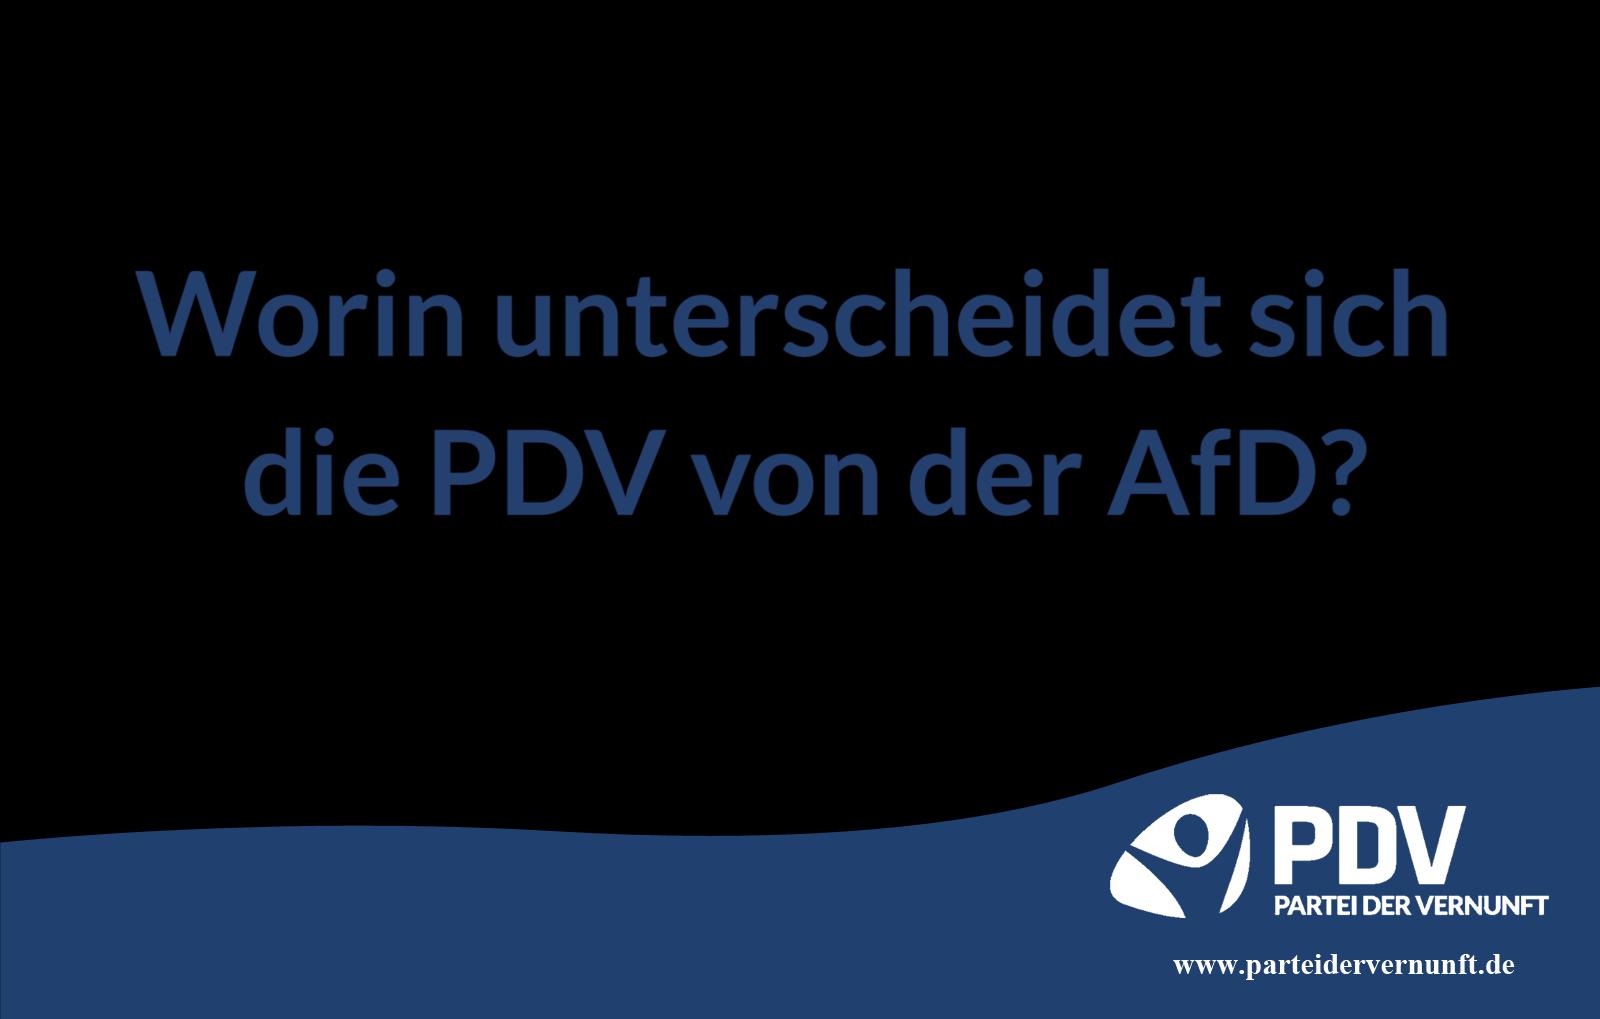 Worin unterscheidet sich die PDV von der AfD?